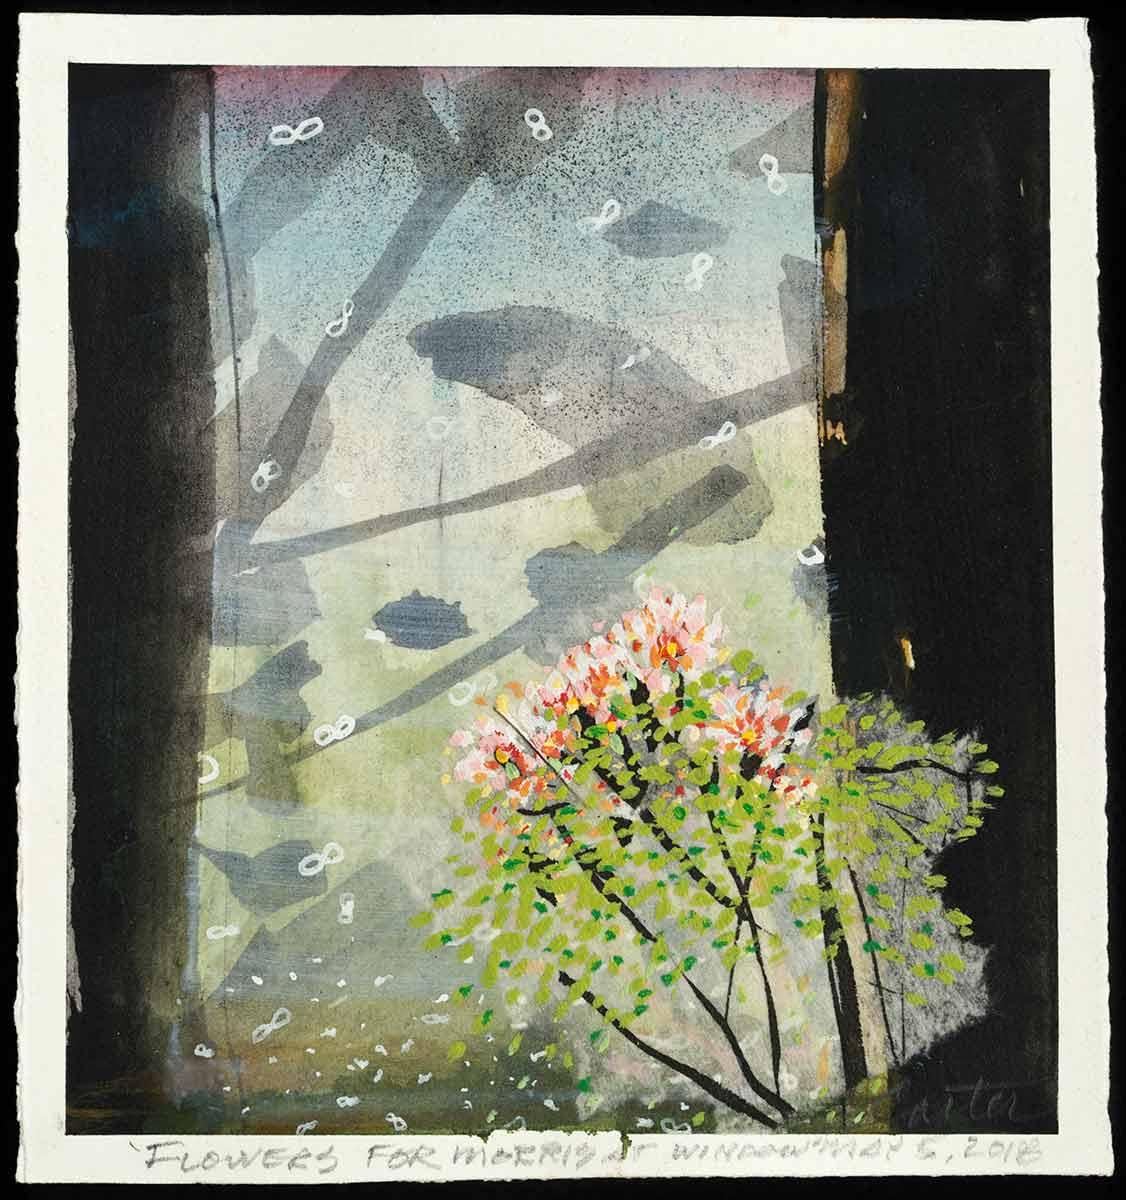 Painting by Glenn Carter, Artist